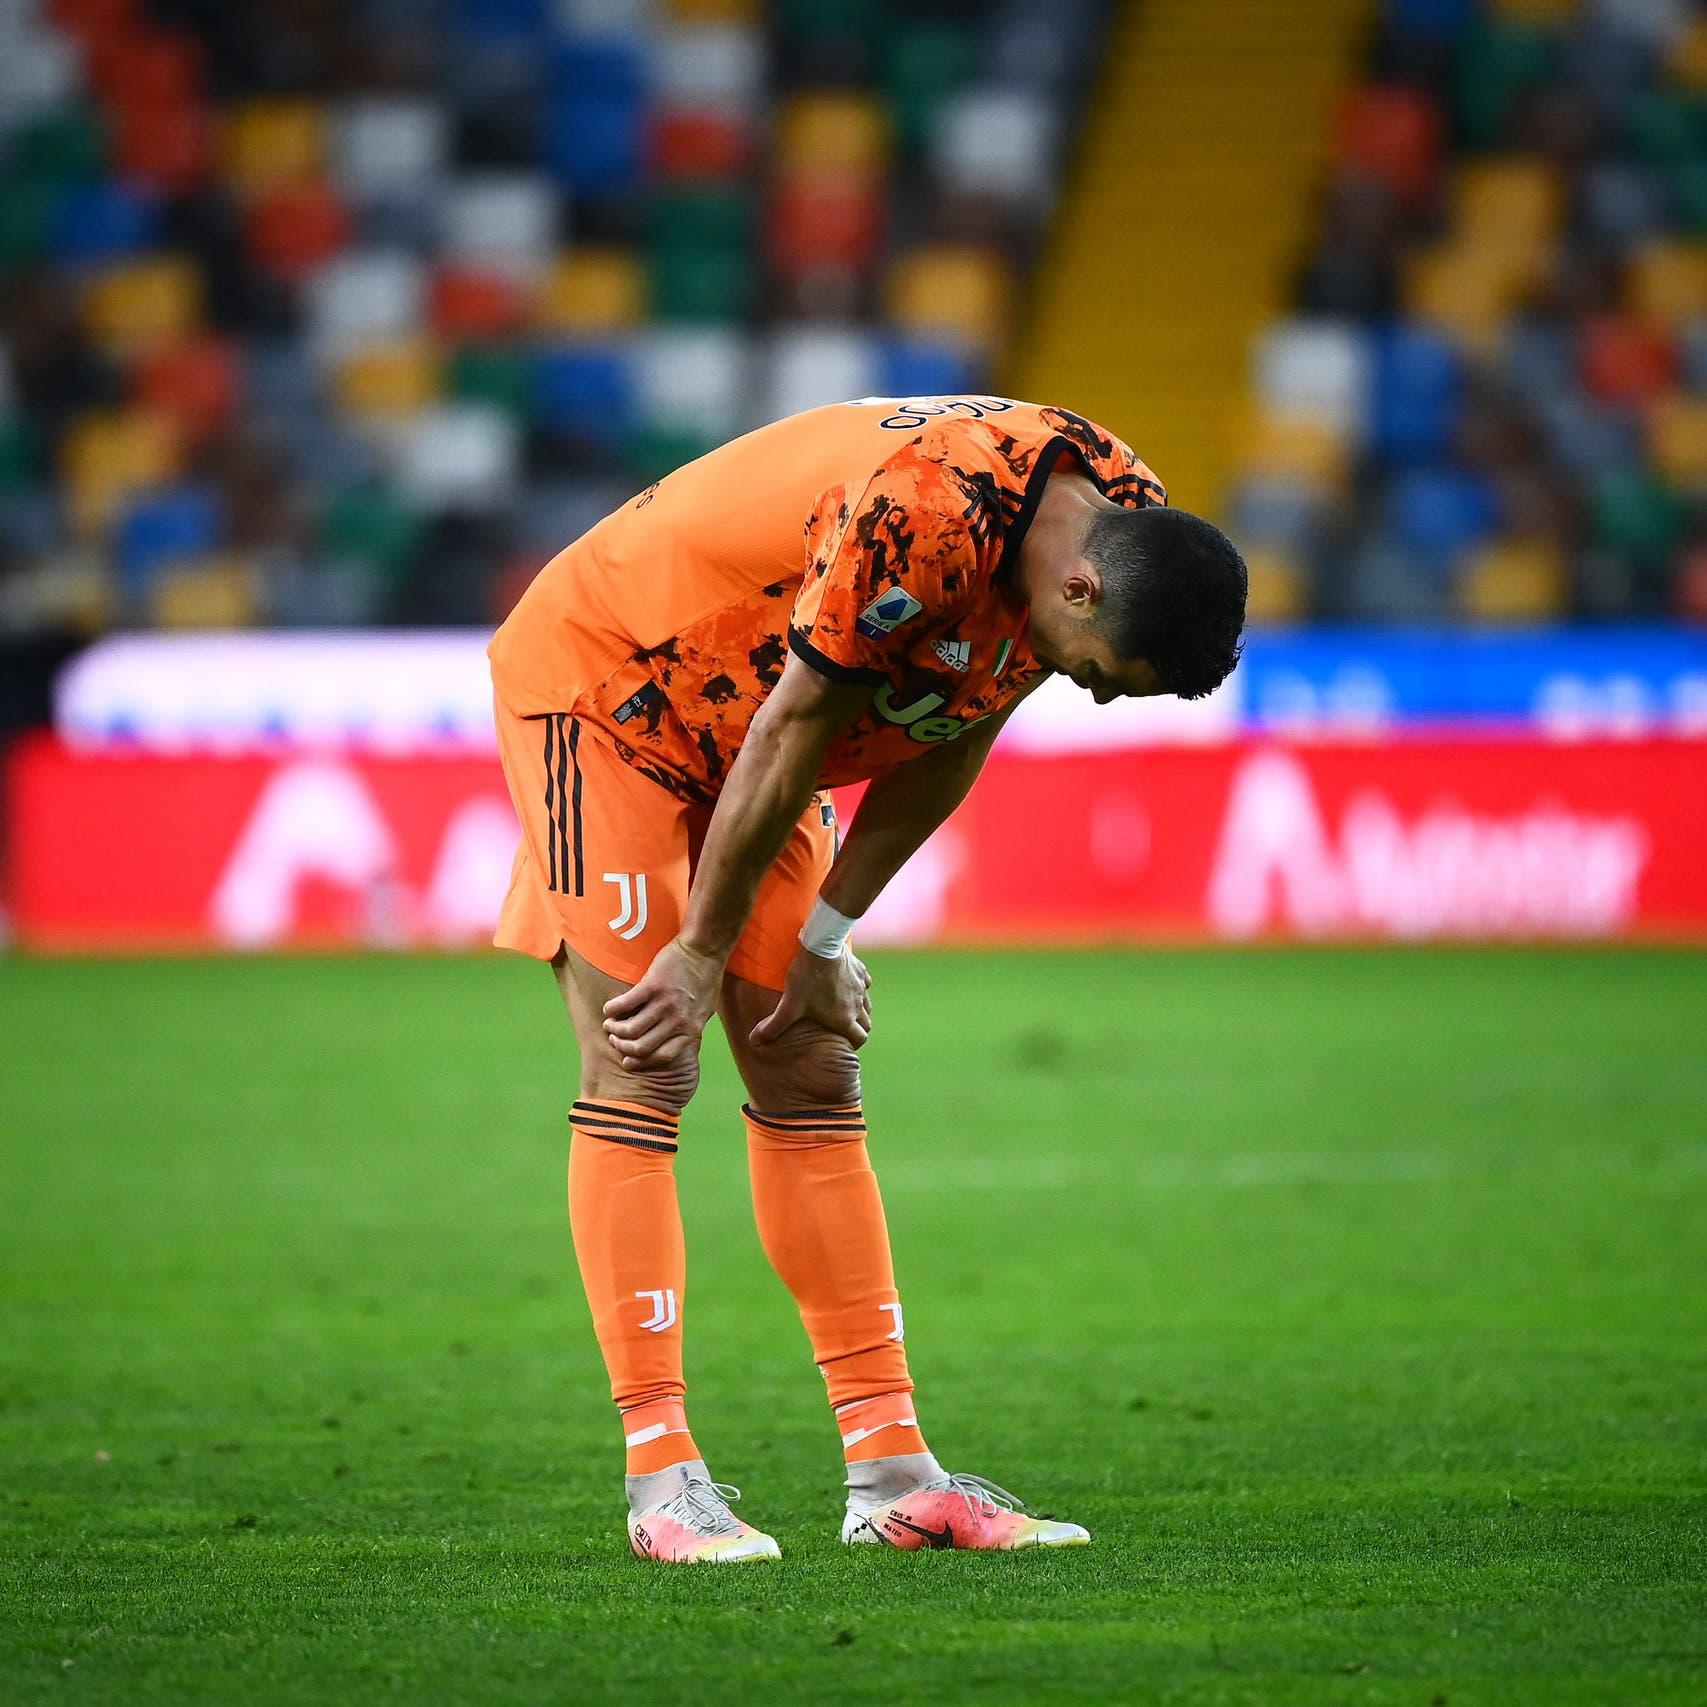 """لاعبو يوفنتوس يهاجمون رونالدو.. والبرتغالي يشعر بـ """"الوحدة"""""""